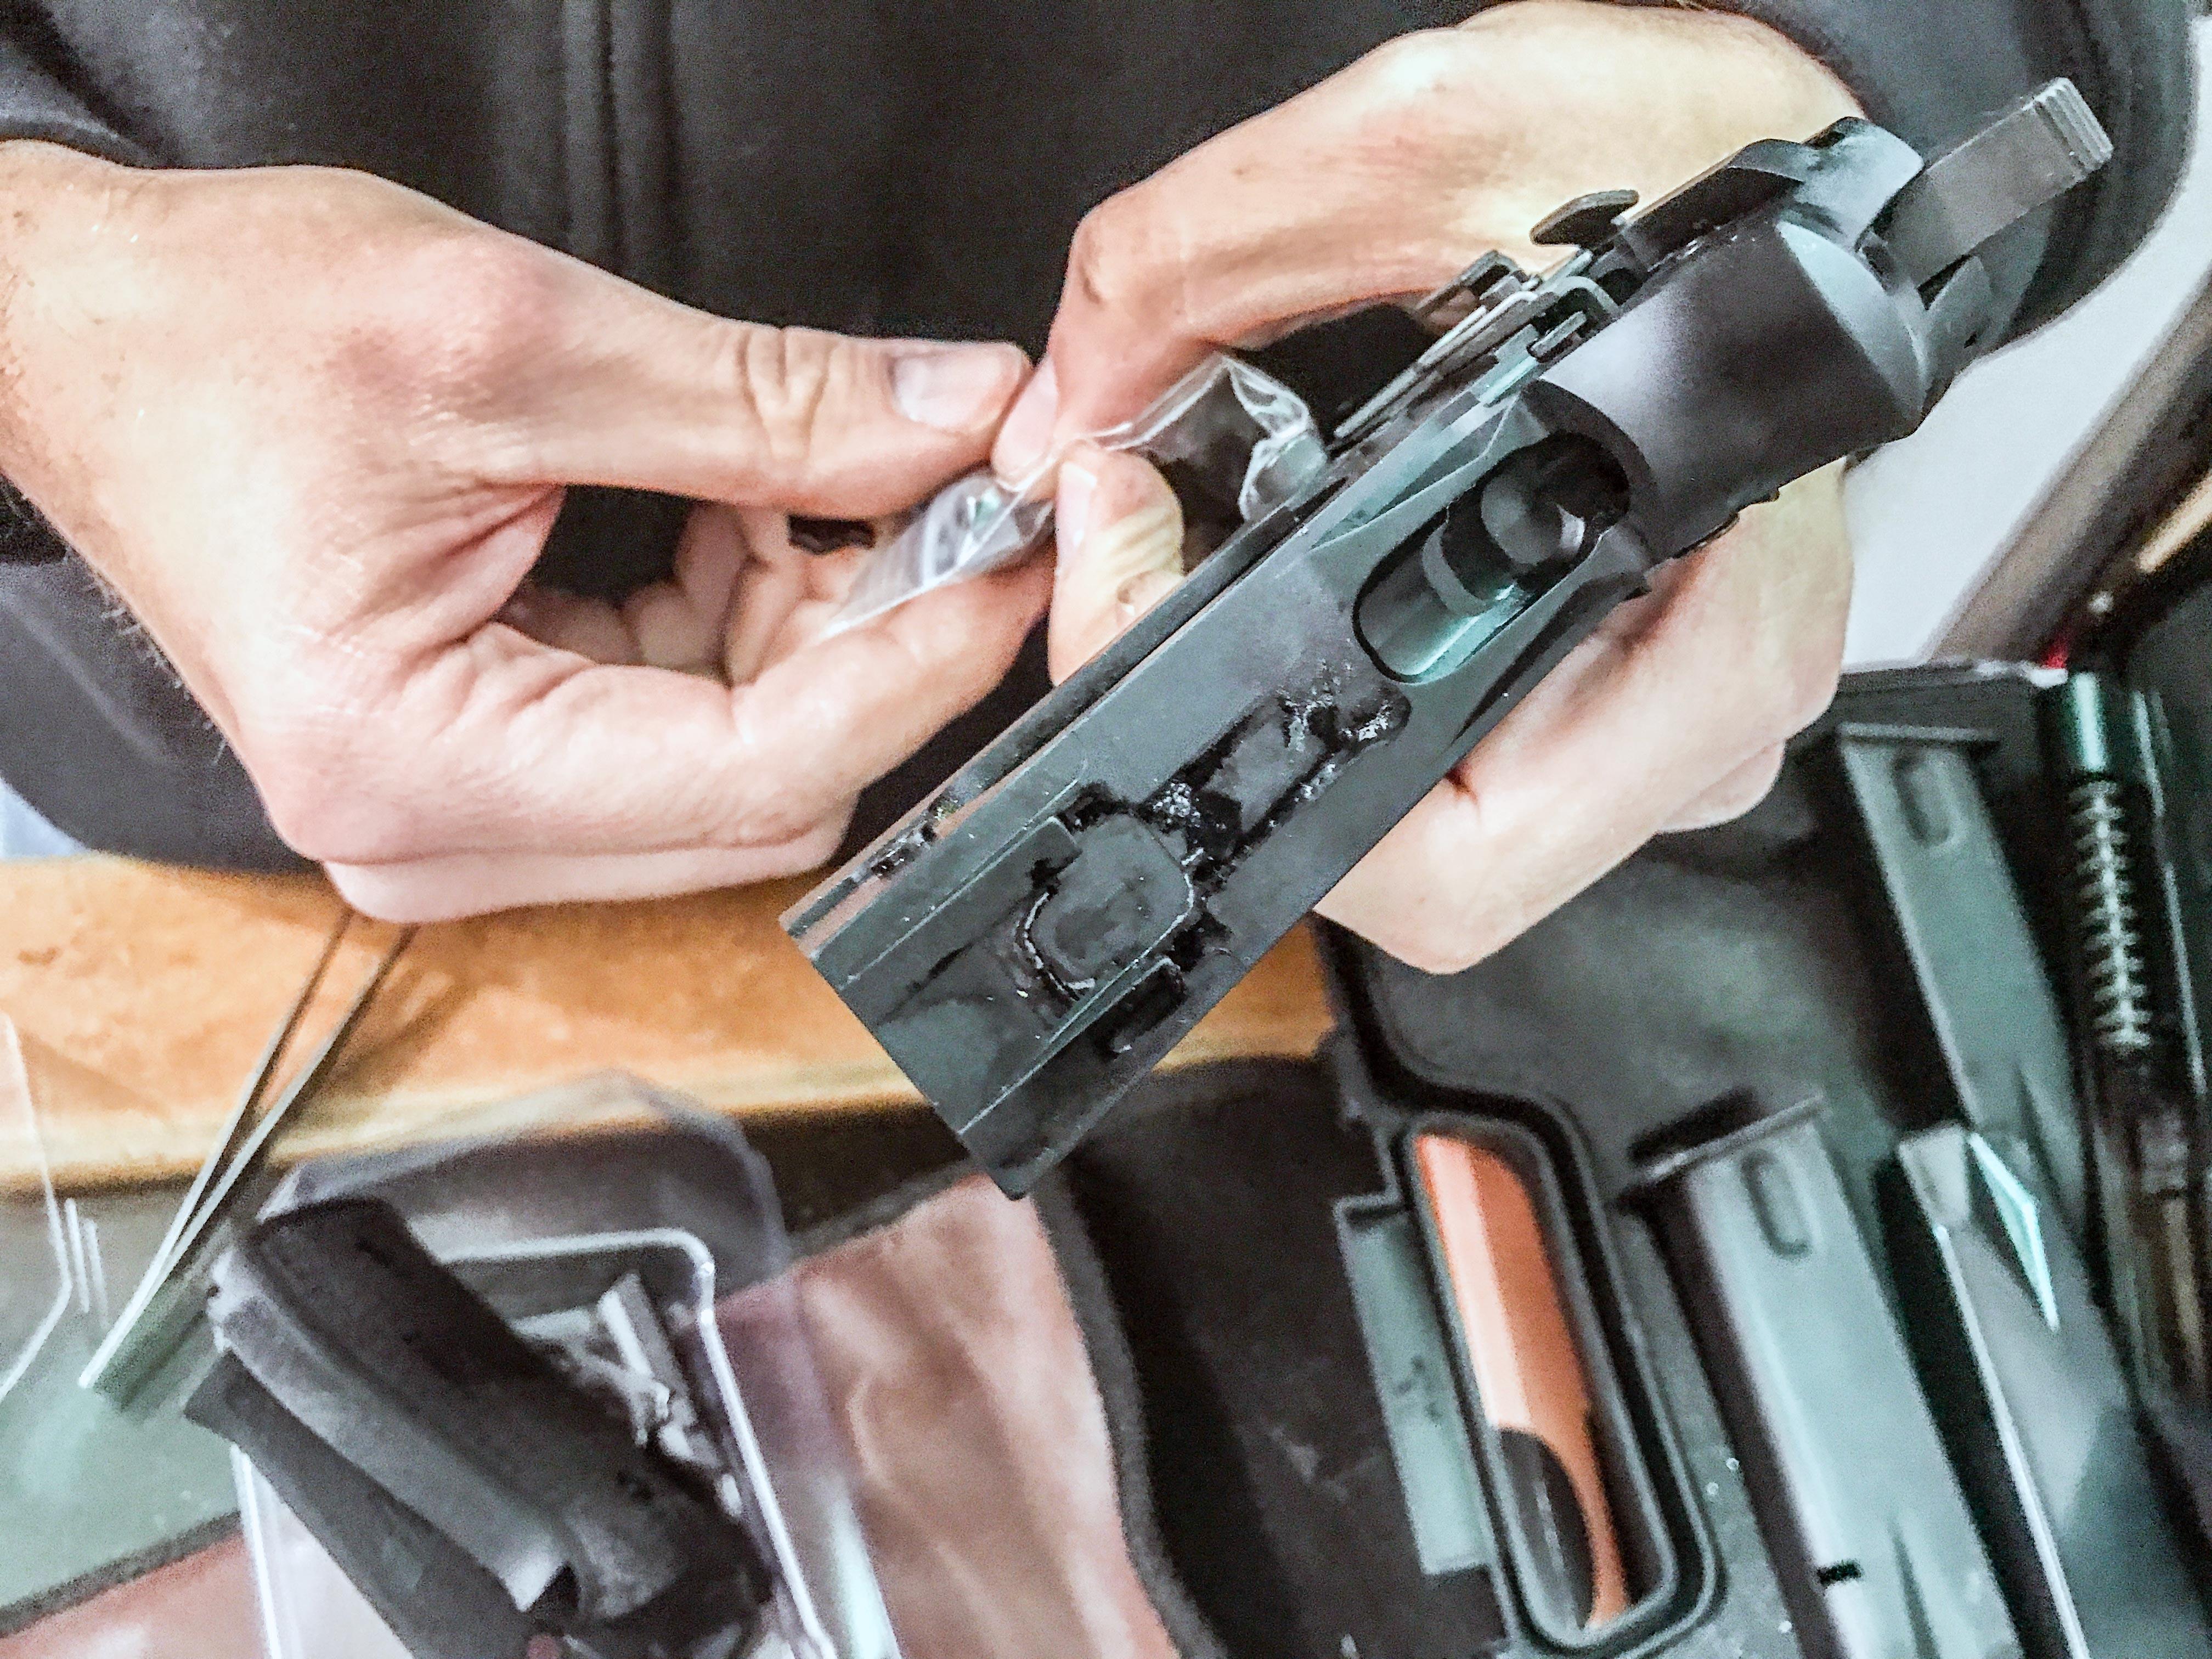 Servicing a Sig Sauer P226